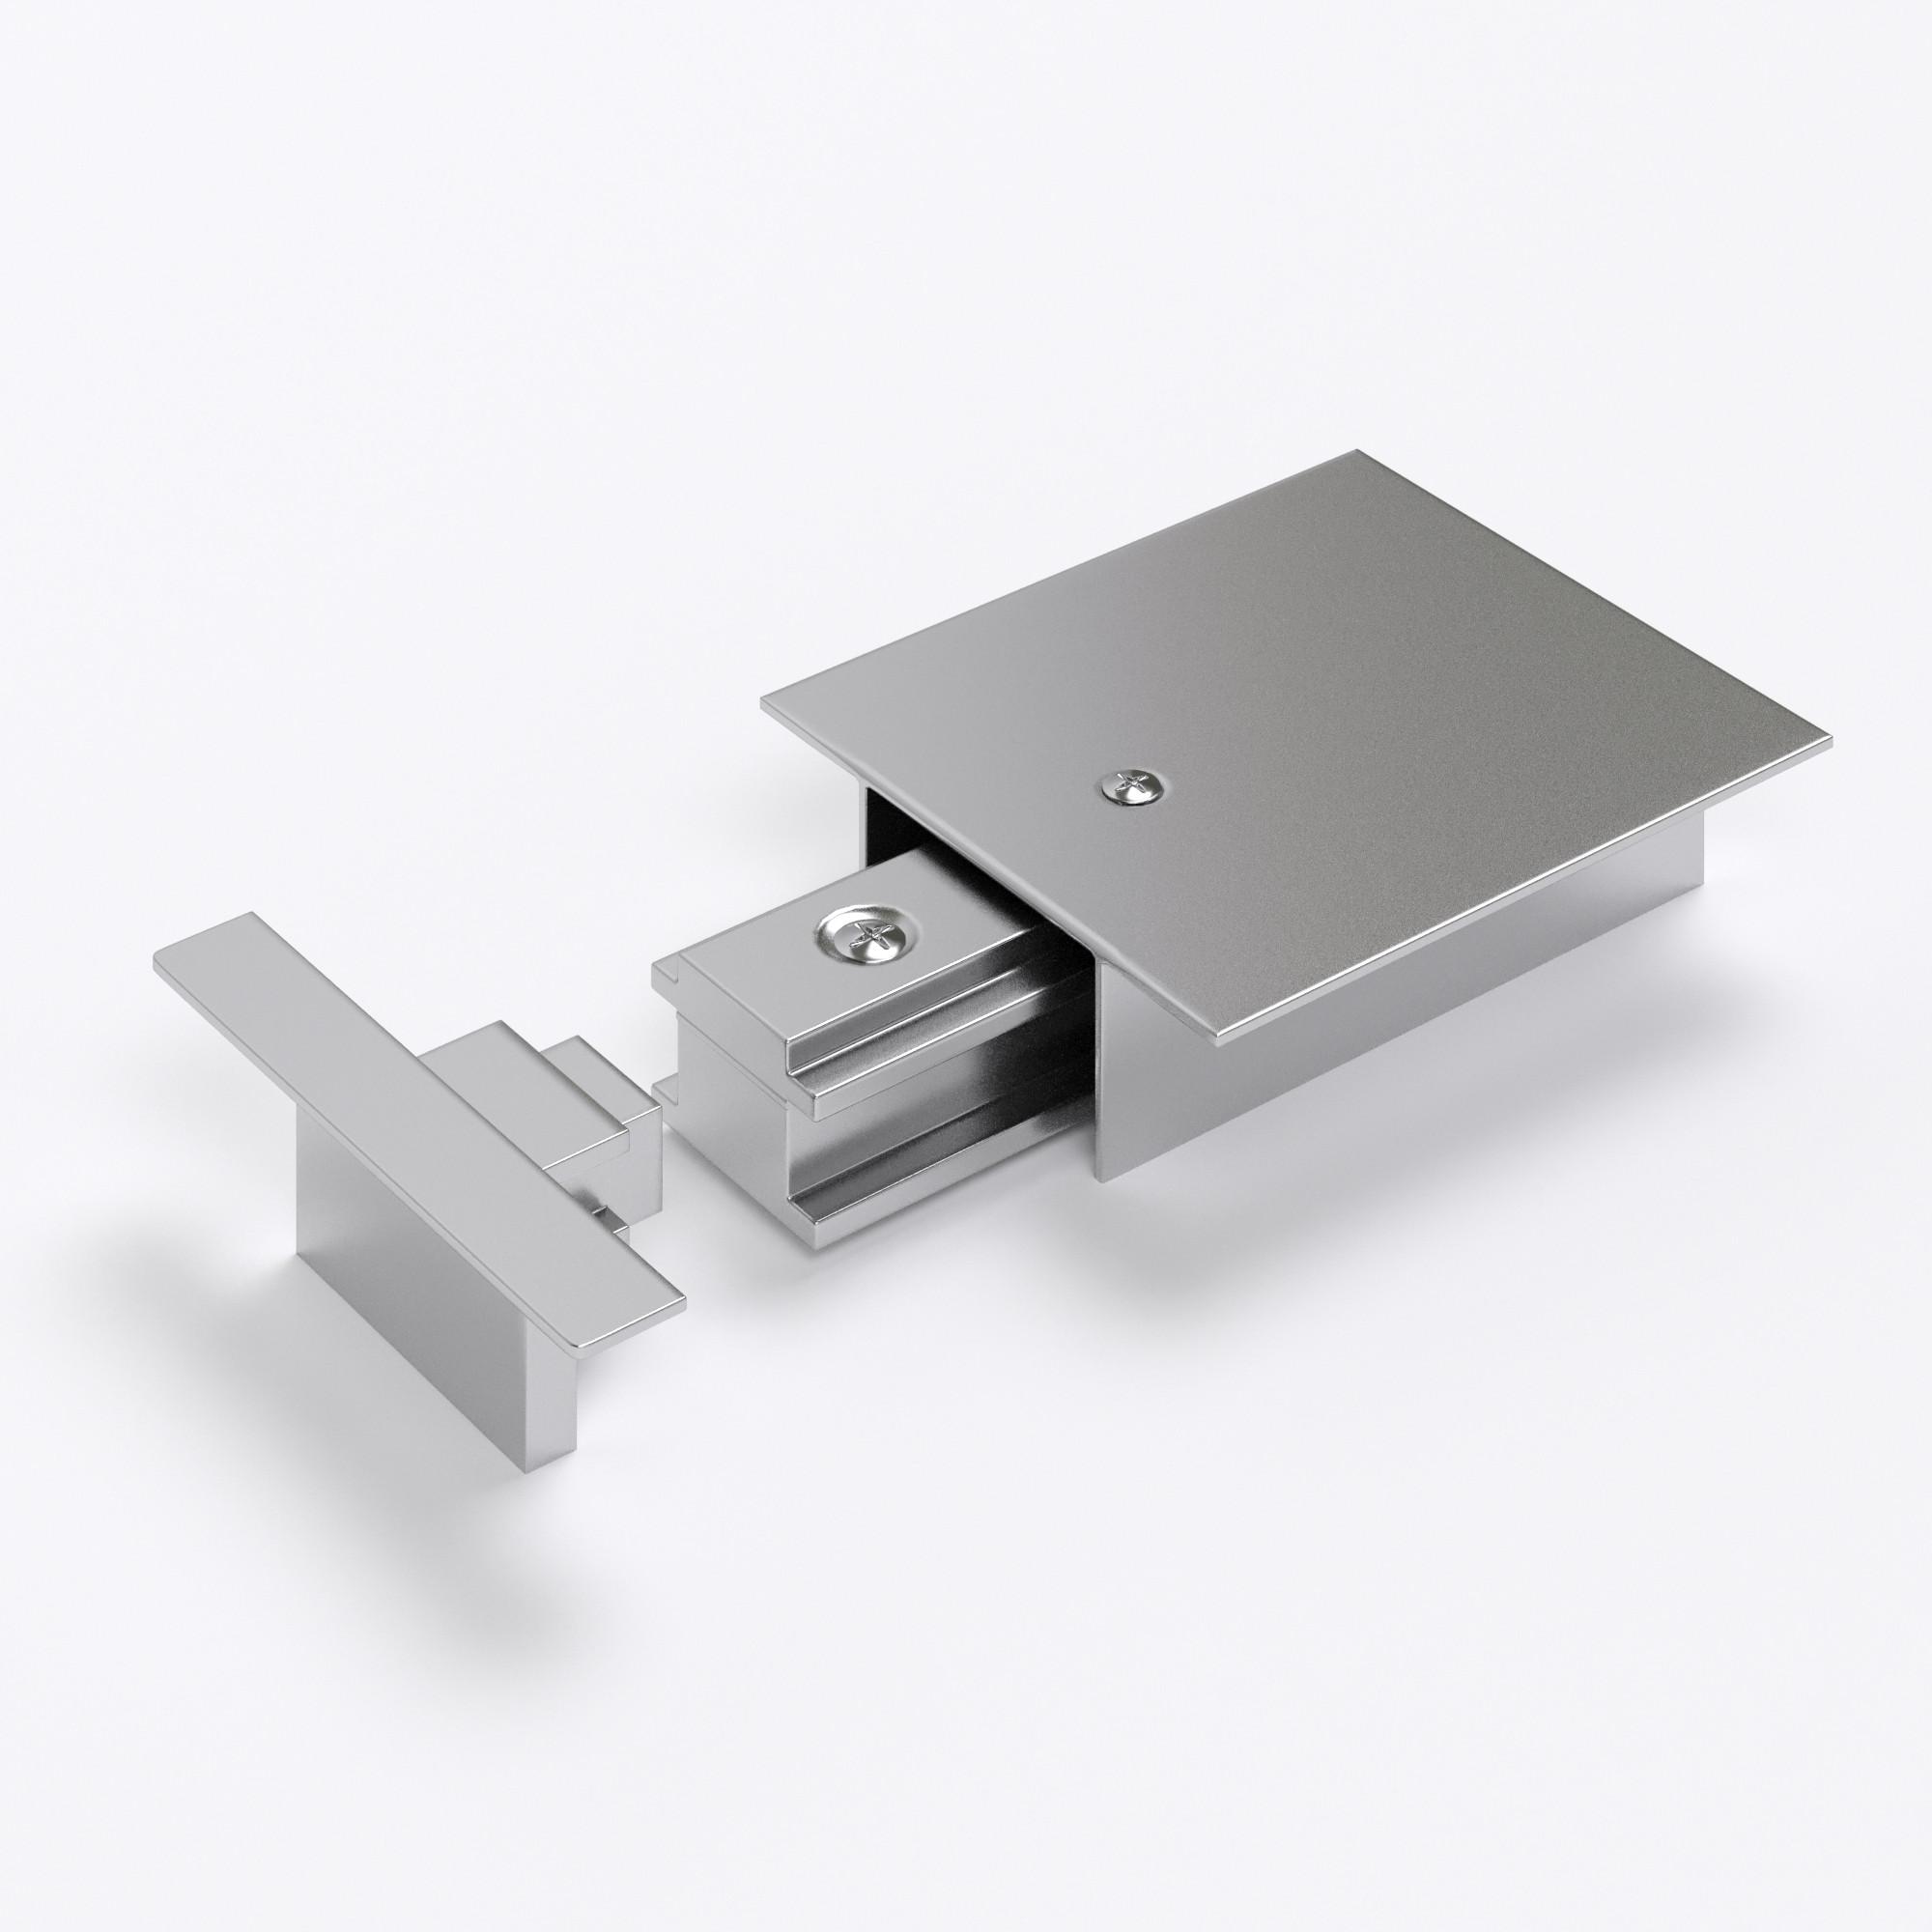 TRPF-1-CH / Ввод питания и заглушка торцевая для однофазного встраиваемого шинопровода (серебристый)